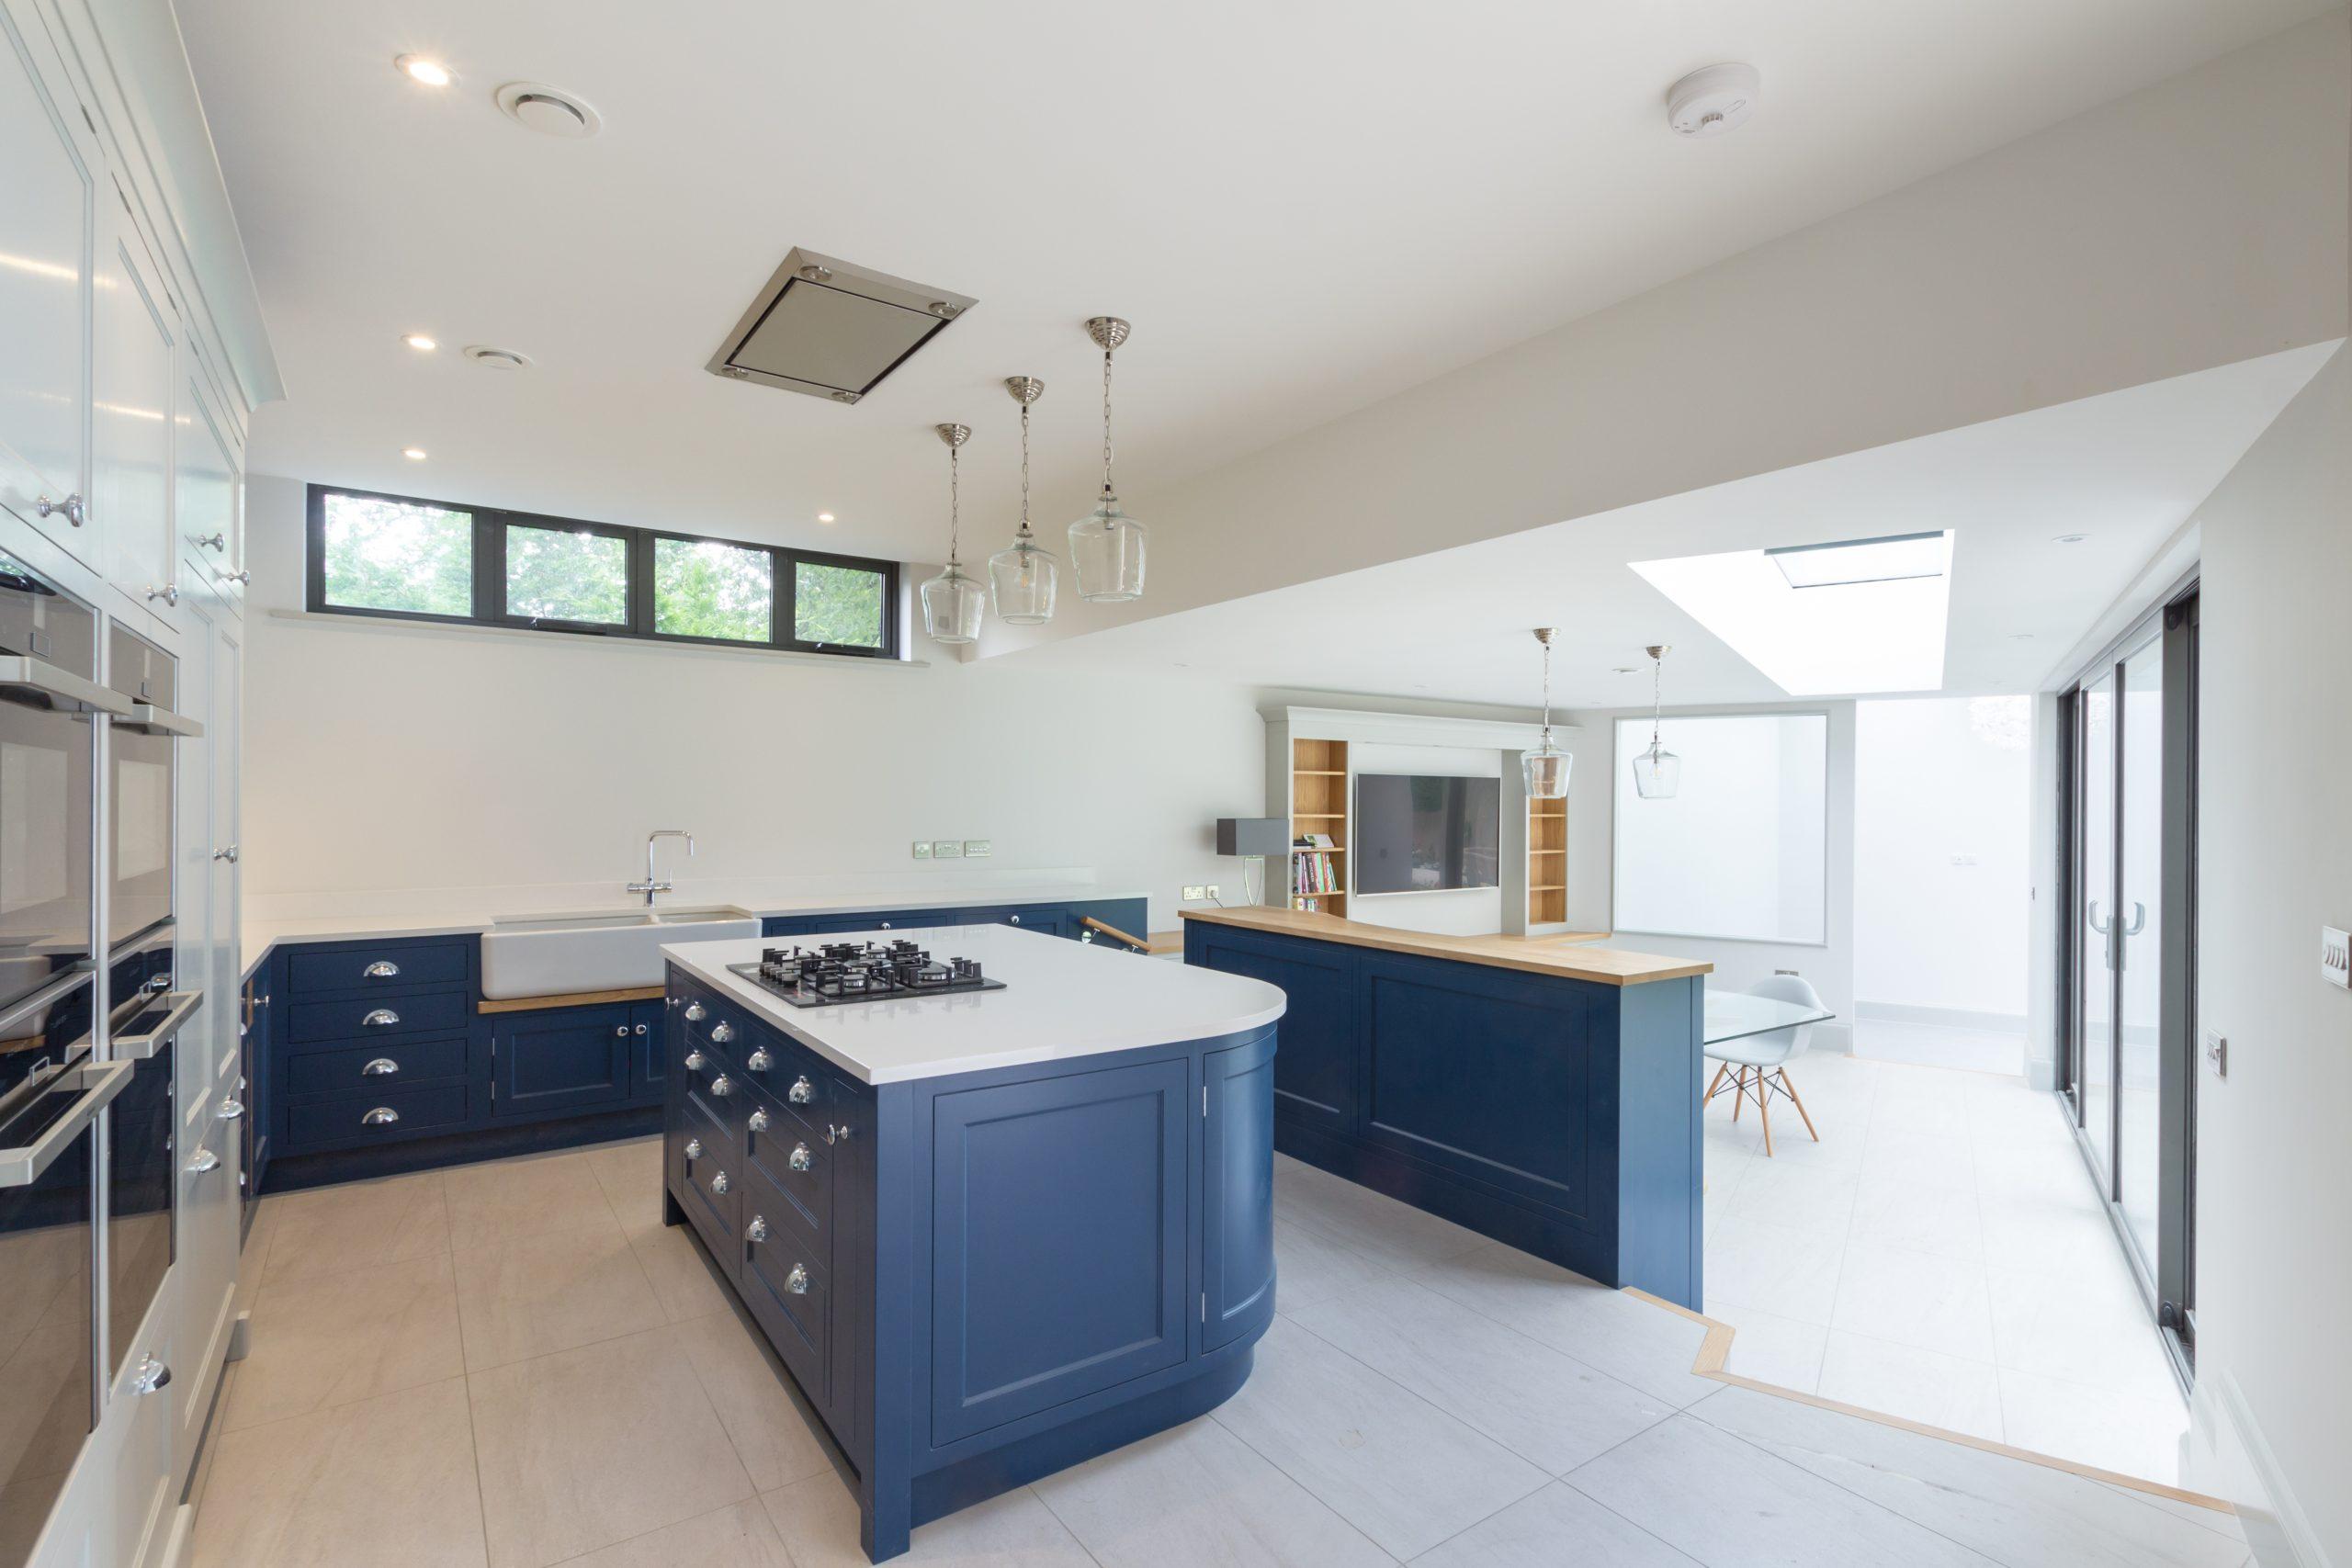 Orchard-Gap-interior-kitchen